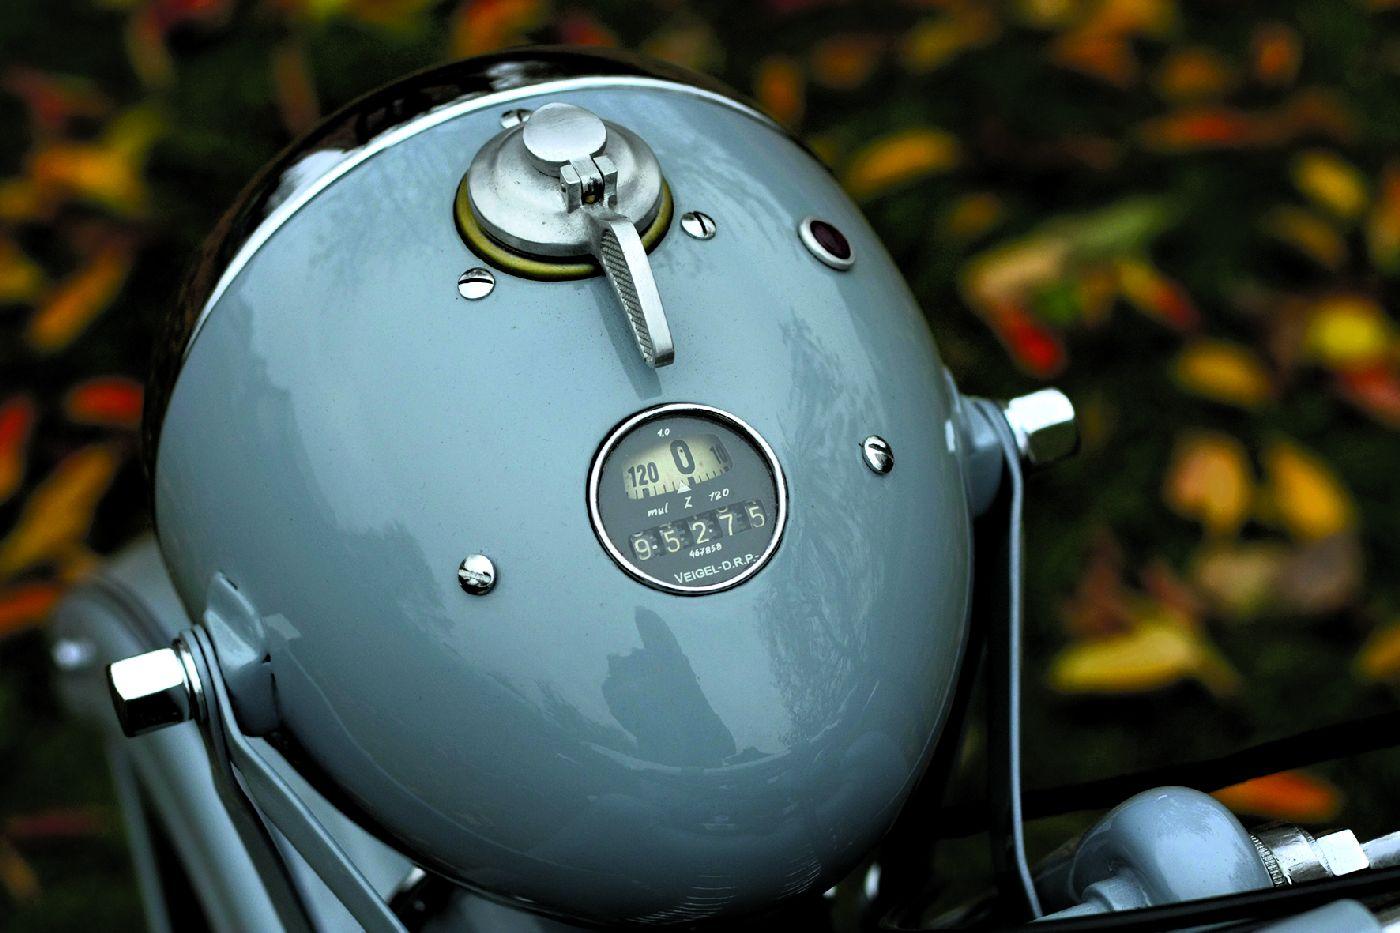 Mały zbiornik (10 l) pozwalał na zasięg do 200 km. W motocyklu projektowanym do turystyki to bardzo mało.